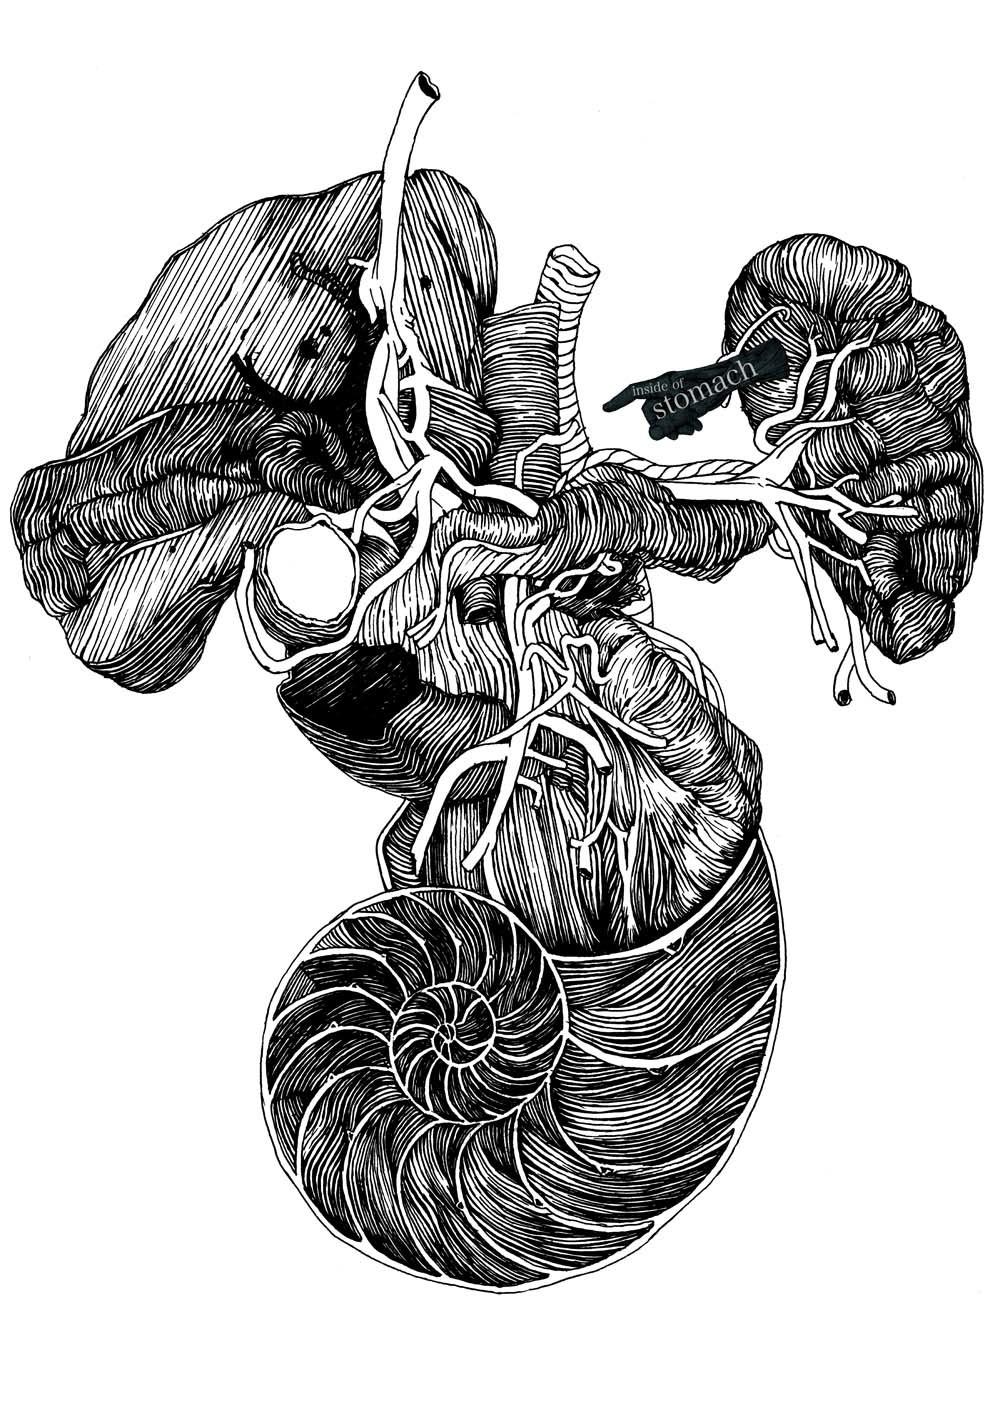 Body - illustration by Wataru Yoshida